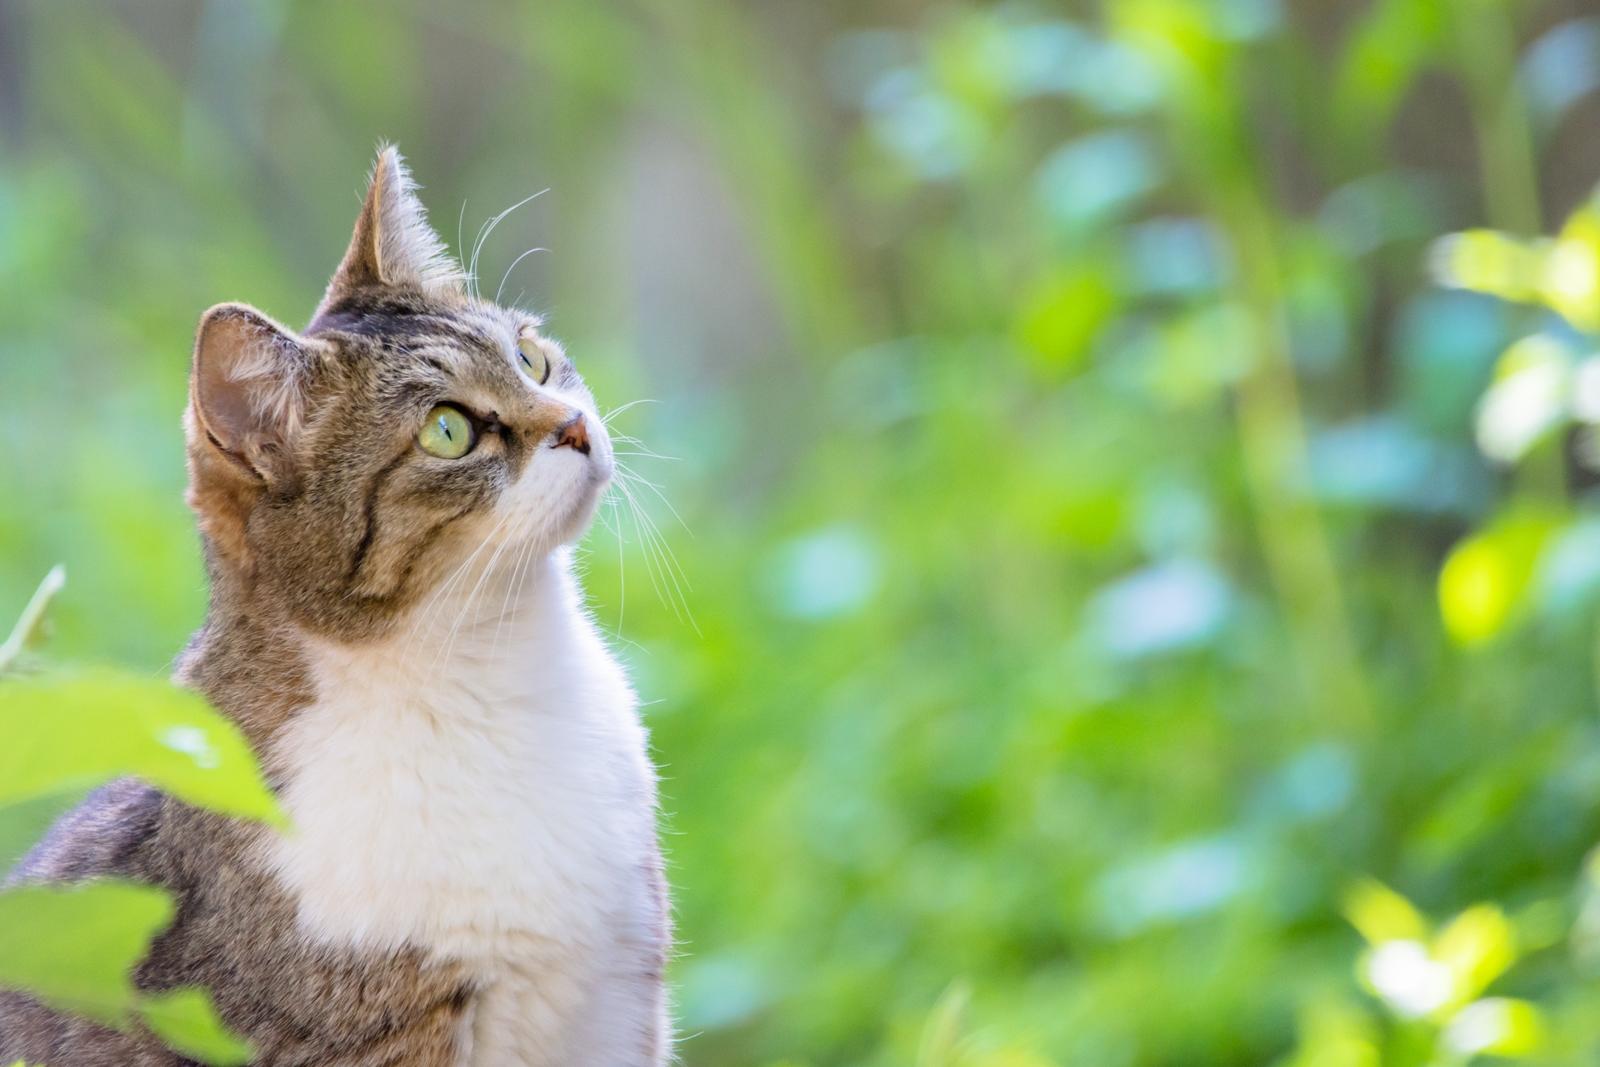 Photo: 「気になる感じ」 / I am curious about.  なんだろう 気になりだしたら止まらない 知りたい知りたい とっても気になる  Stray cat. (ノラ猫)  Nikon D7200 SIGMA 150-600mm F5-6.3 DG OS HSM Contemporary  #cat #straycat #猫 #kawaii #nikon #sigma #木曜ポートニャート #野良猫  ( http://takafumiooshio.com/archives/2472 )